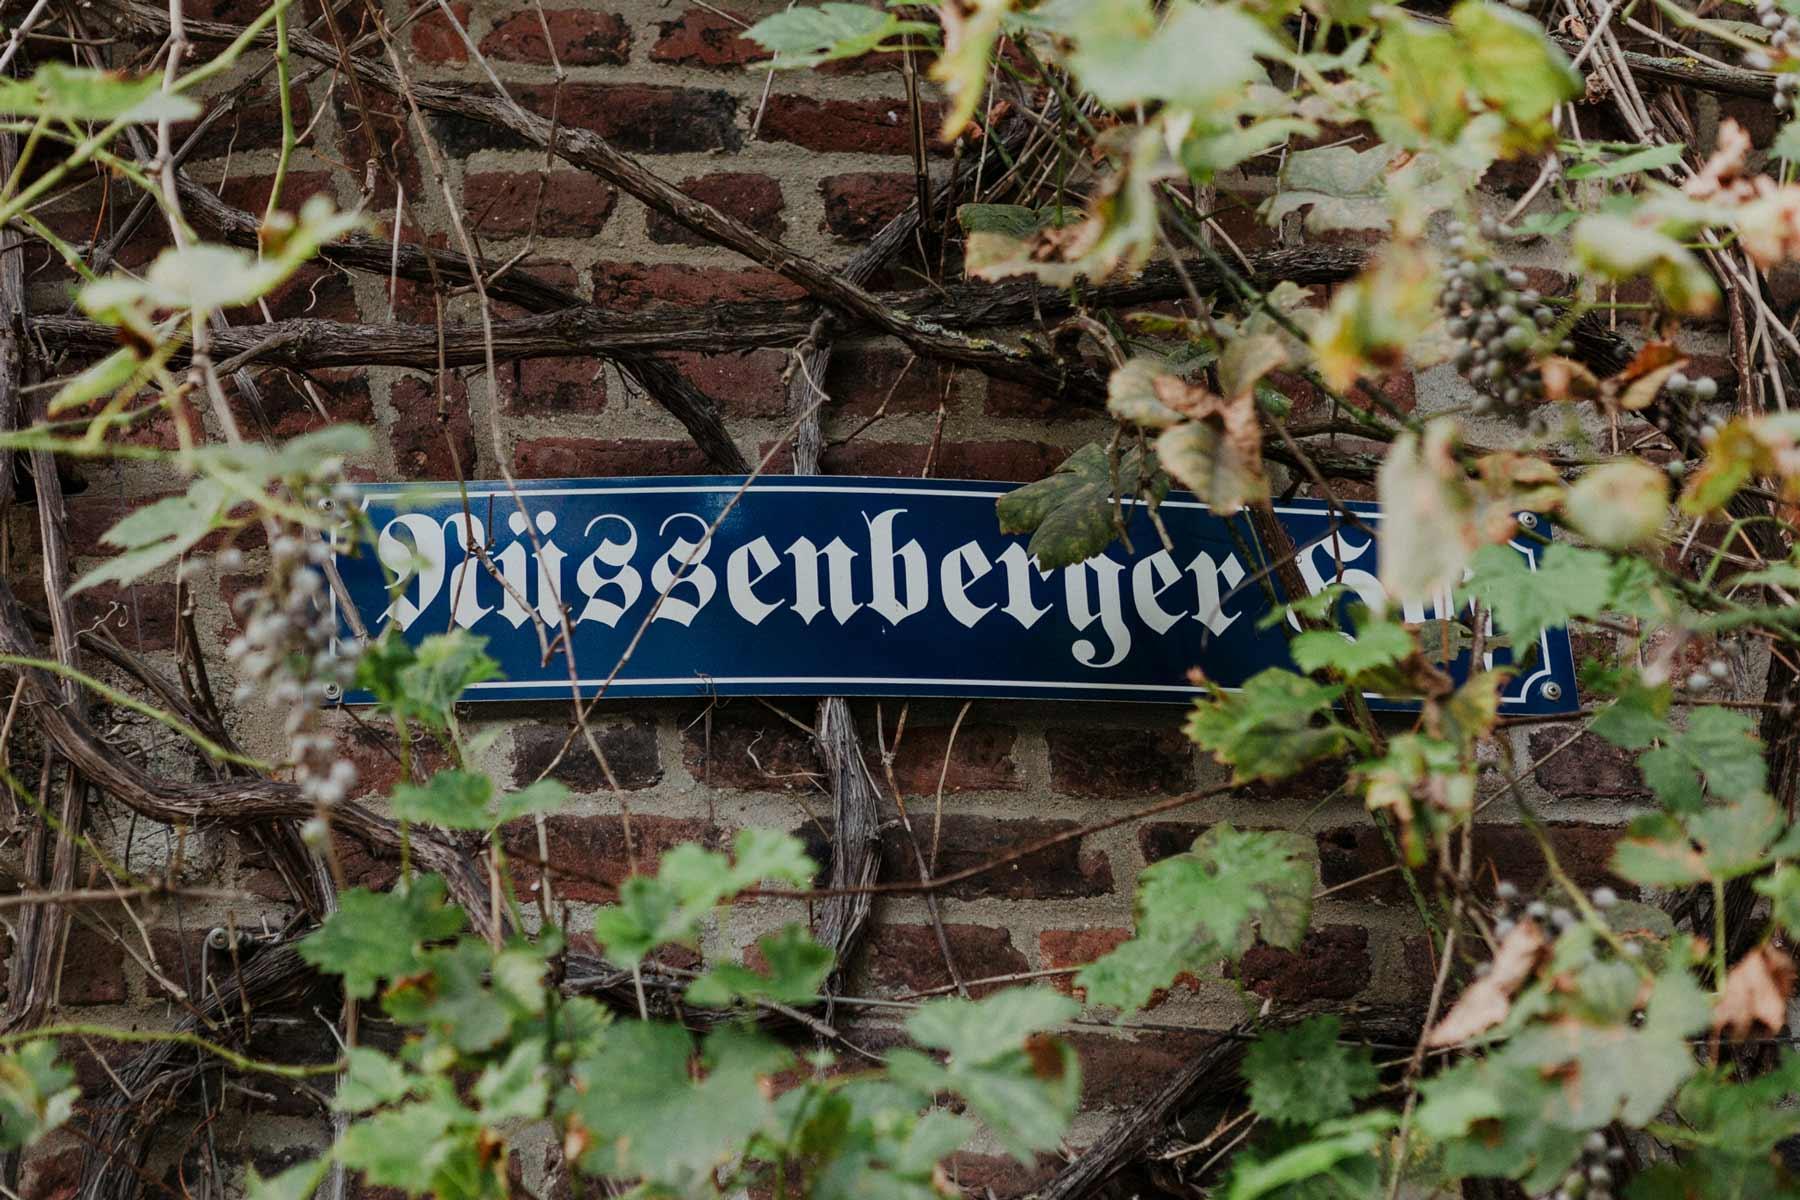 Eingangsschild Nüssenberger Hof